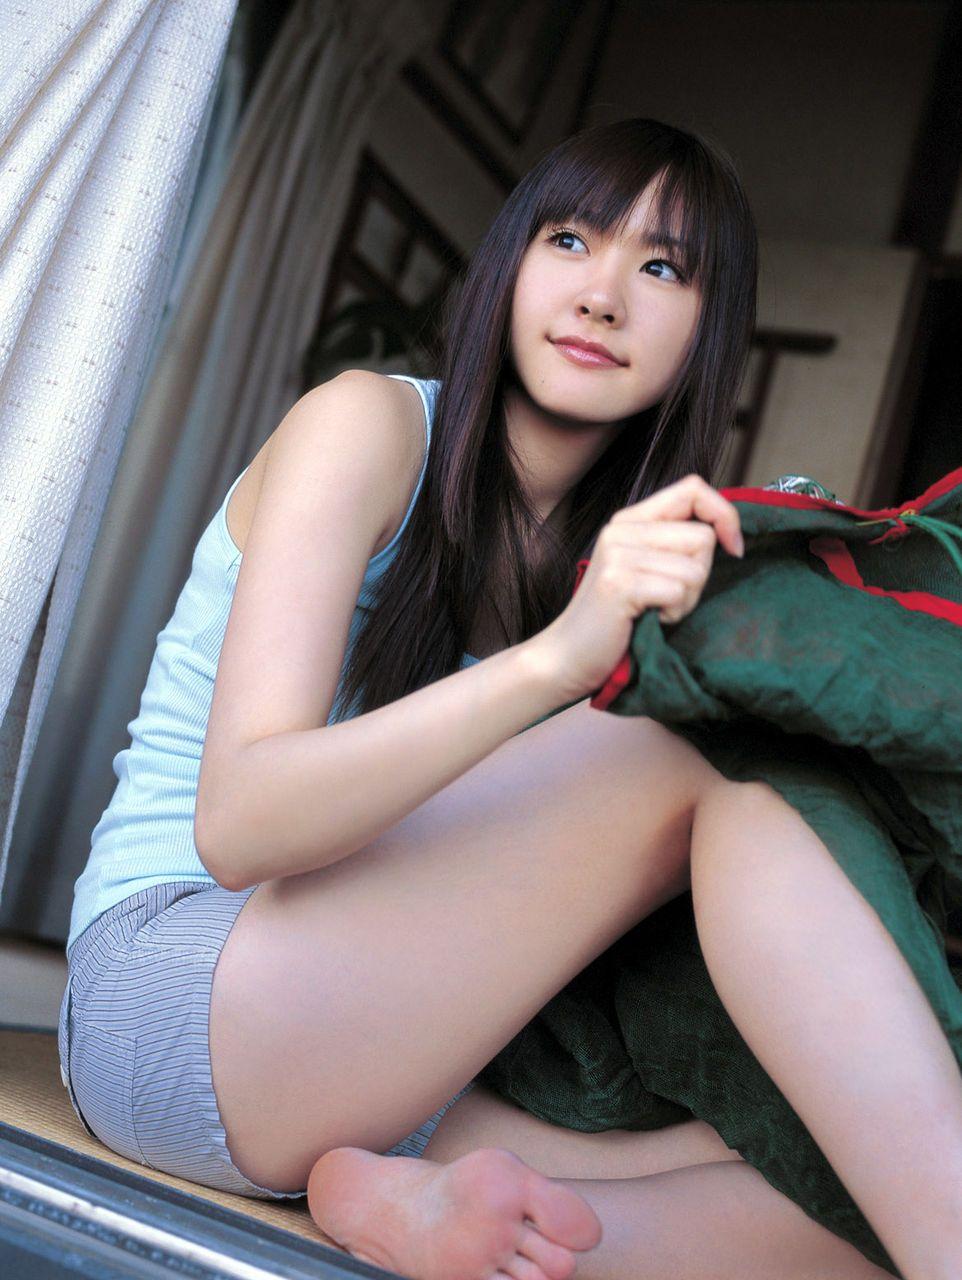 Lụi tim trước nhan sắc của mỹ nhân được khao khát nhất tại Nhật Bản - Hình 2